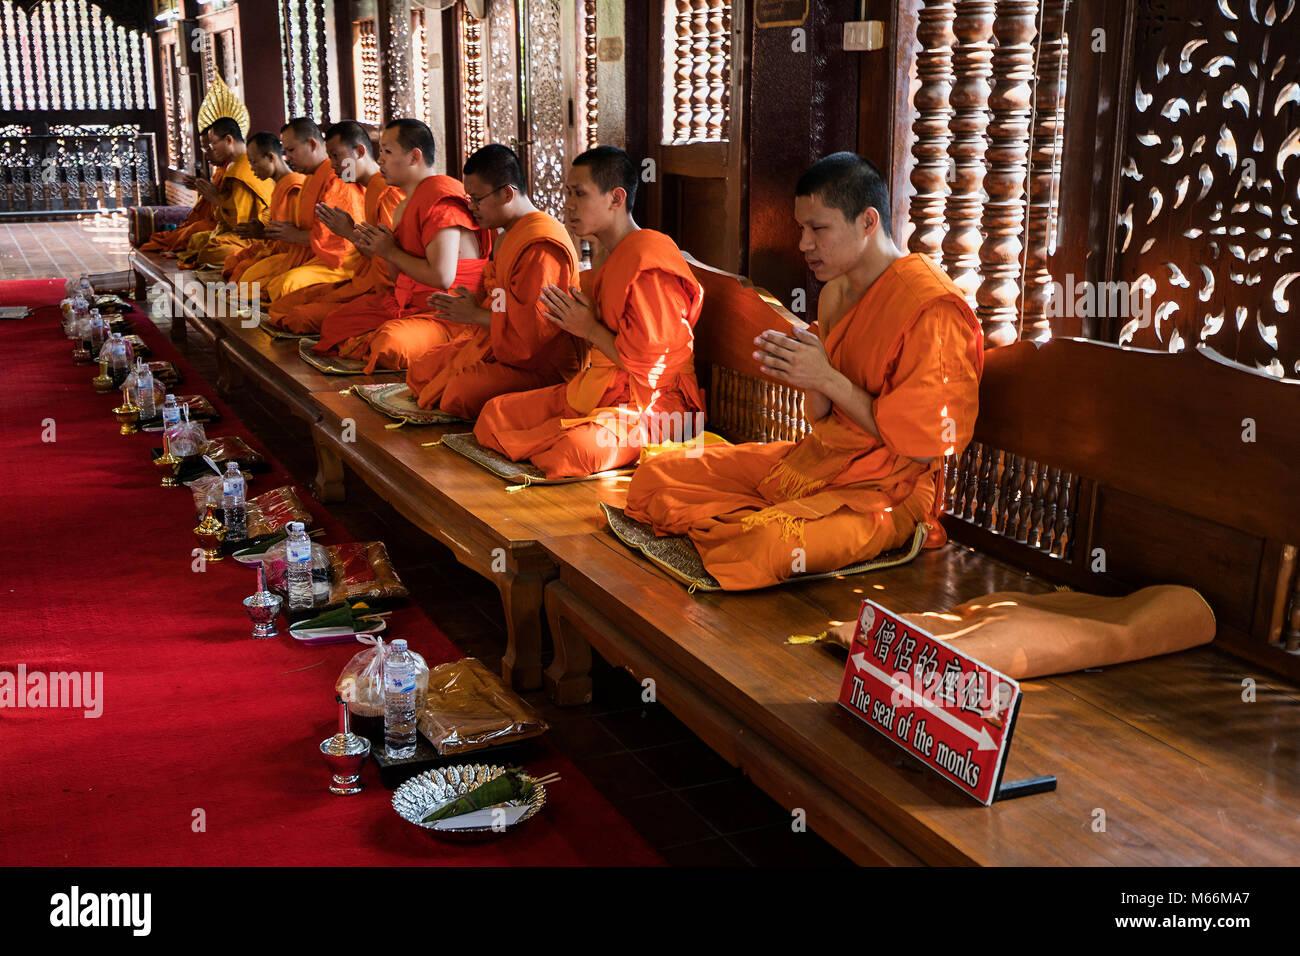 Singen thailändische Mönche im Wat Lok Moli - traditionell viele junge Thai Jungen würden Novizen Stockbild